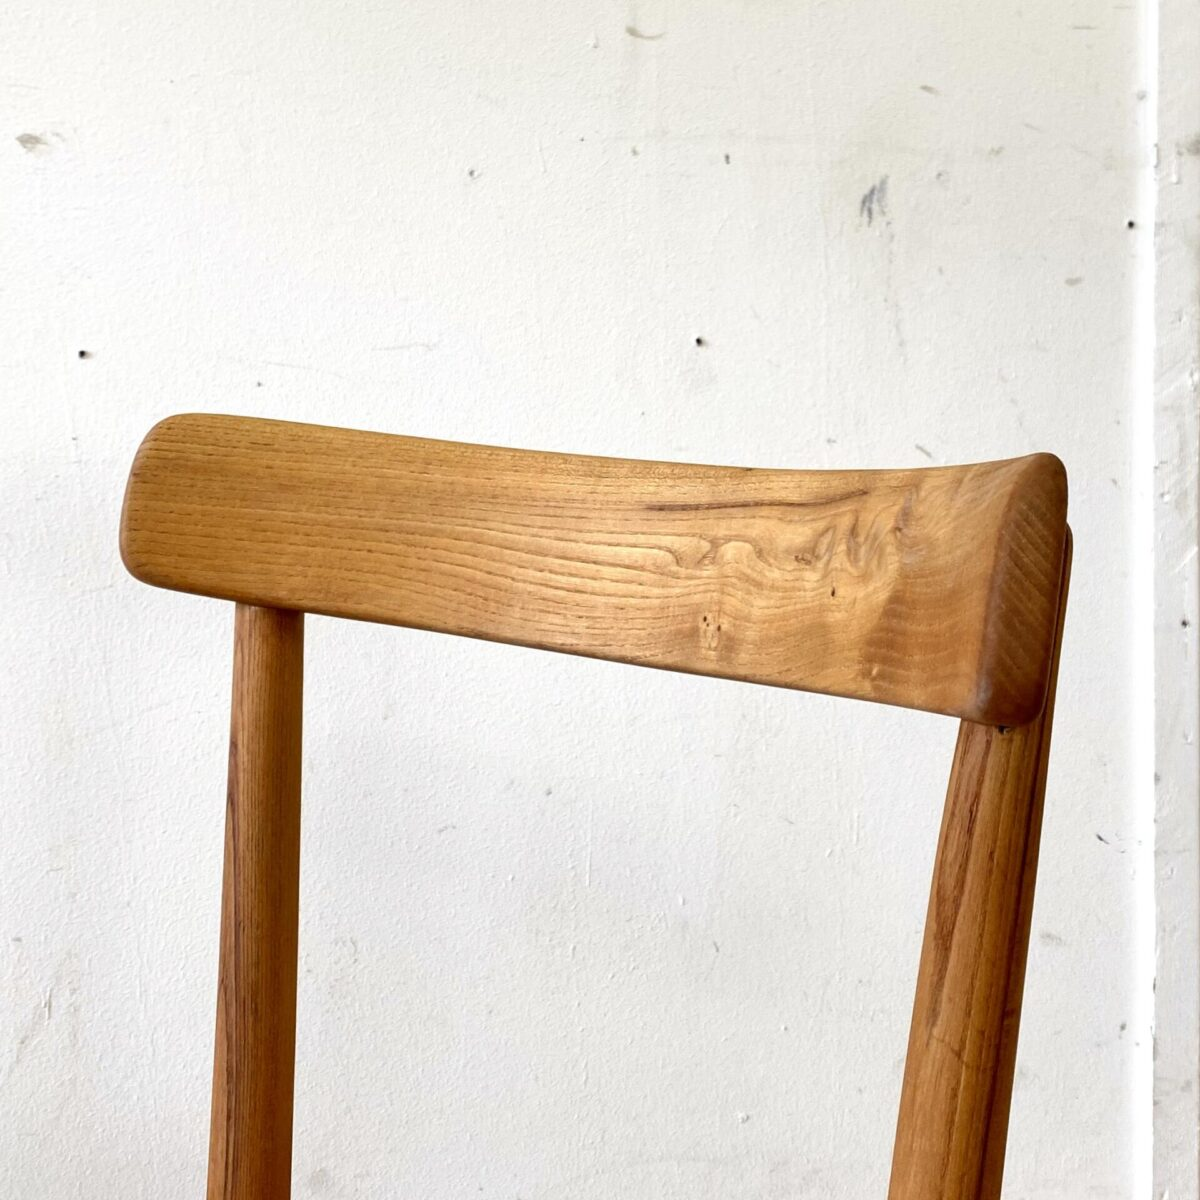 Deuxieme.shop rare Max Moser Stühle designklassiker. Horgenglarus Stühle von Max Moser in Ulmenholz Ausführung. Die Stühle sind restauriert und geölt, die einzelpreise variieren von 350.- bis 550.- da es teilweise Furnier flicke hat. Sitzfläche aus Sperrholz mit Sitzmulde, die restlichen Teile sind aus Vollholz Dampfgebogen. Ein Stuhl ist ein leicht anderes Modell, Beine etwas geschwungen, und die Rückenlehne feiner und mehr gebogen.